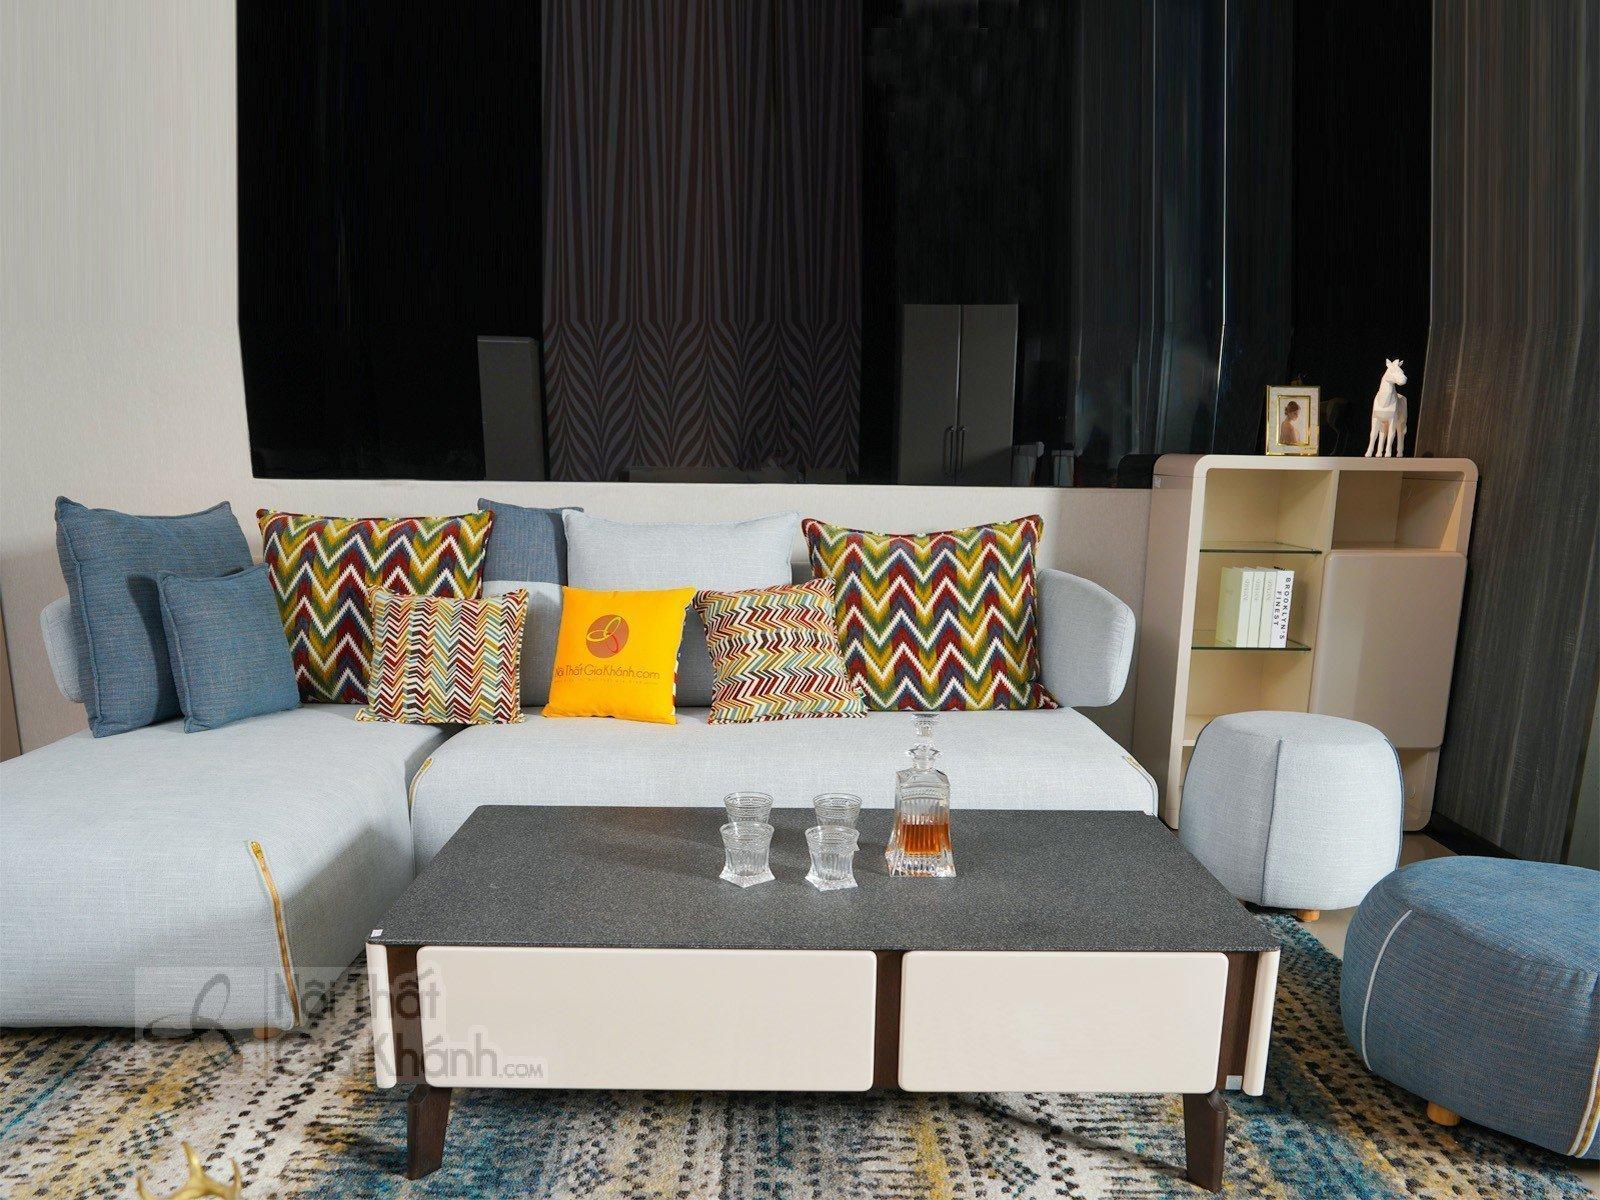 Sofa Phòng Khách Chung Cư Nỉ Nhập Khẩu Độc Đáo 3342Sf